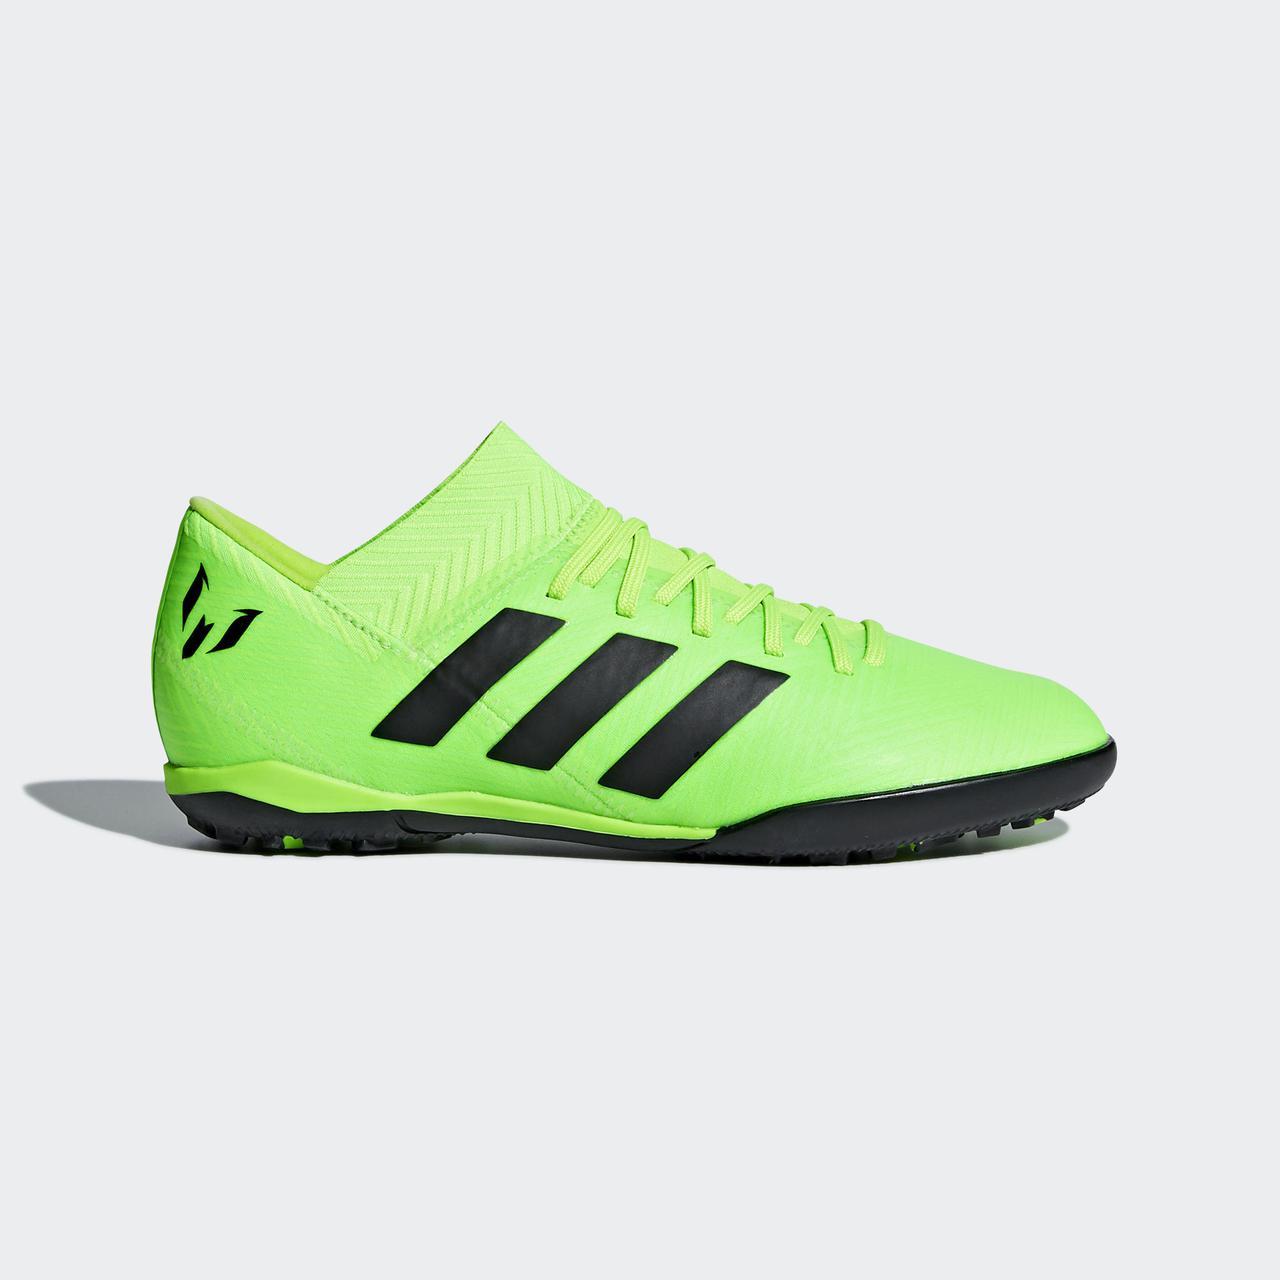 195a18c1782c Детские футбольные бутсы Adidas Performance Nemeziz Messi Tango 18.3 TF ( Артикул  DB2394)